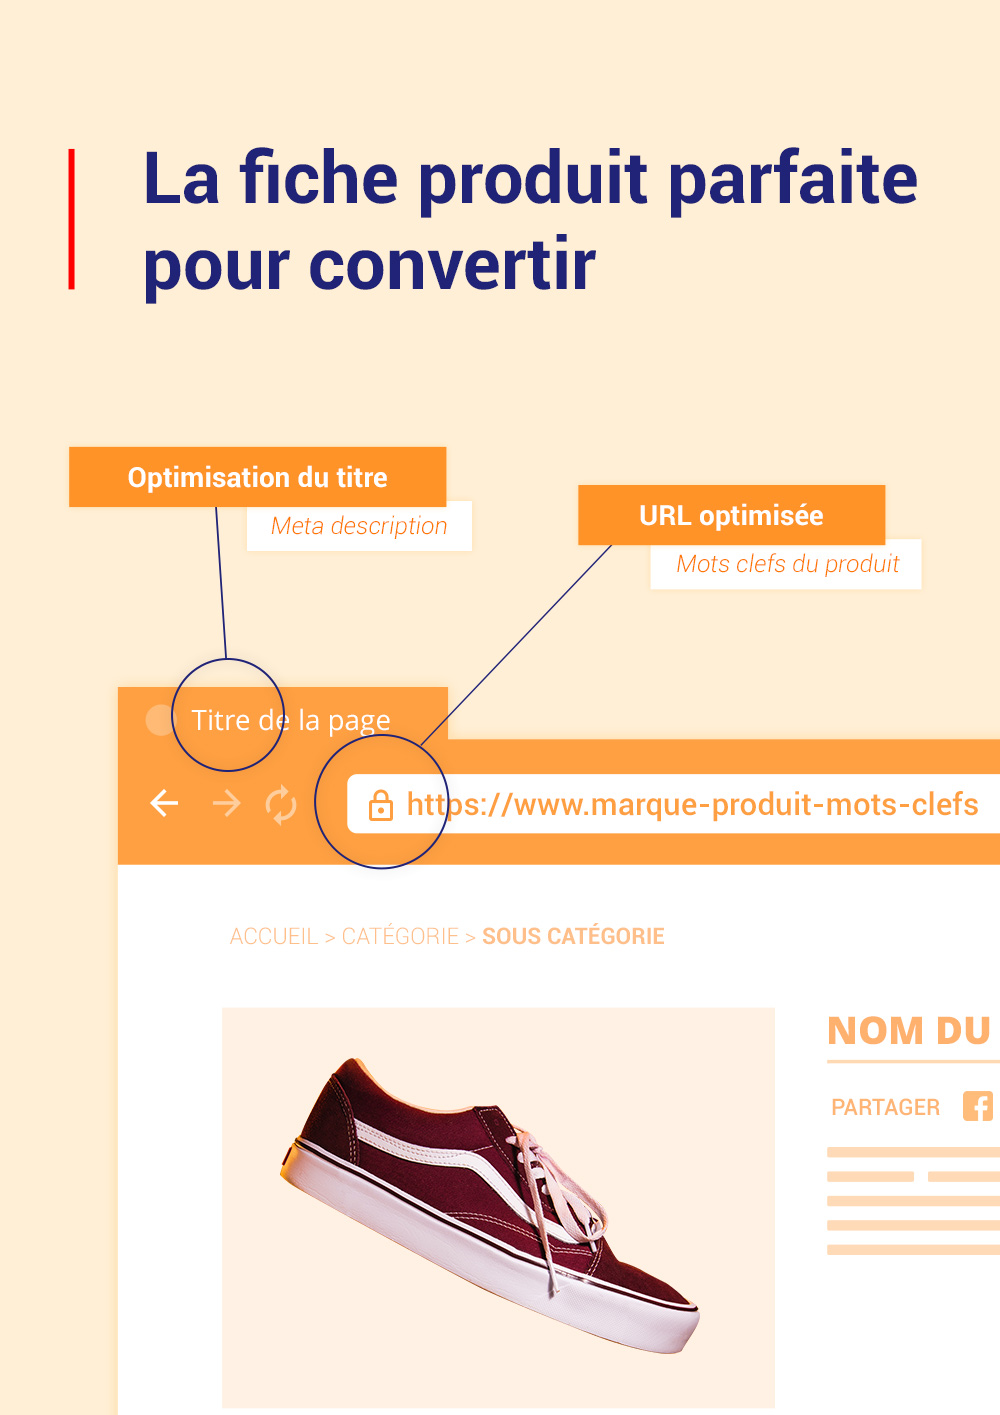 Infographie – La fiche produit parfaite pour convertir